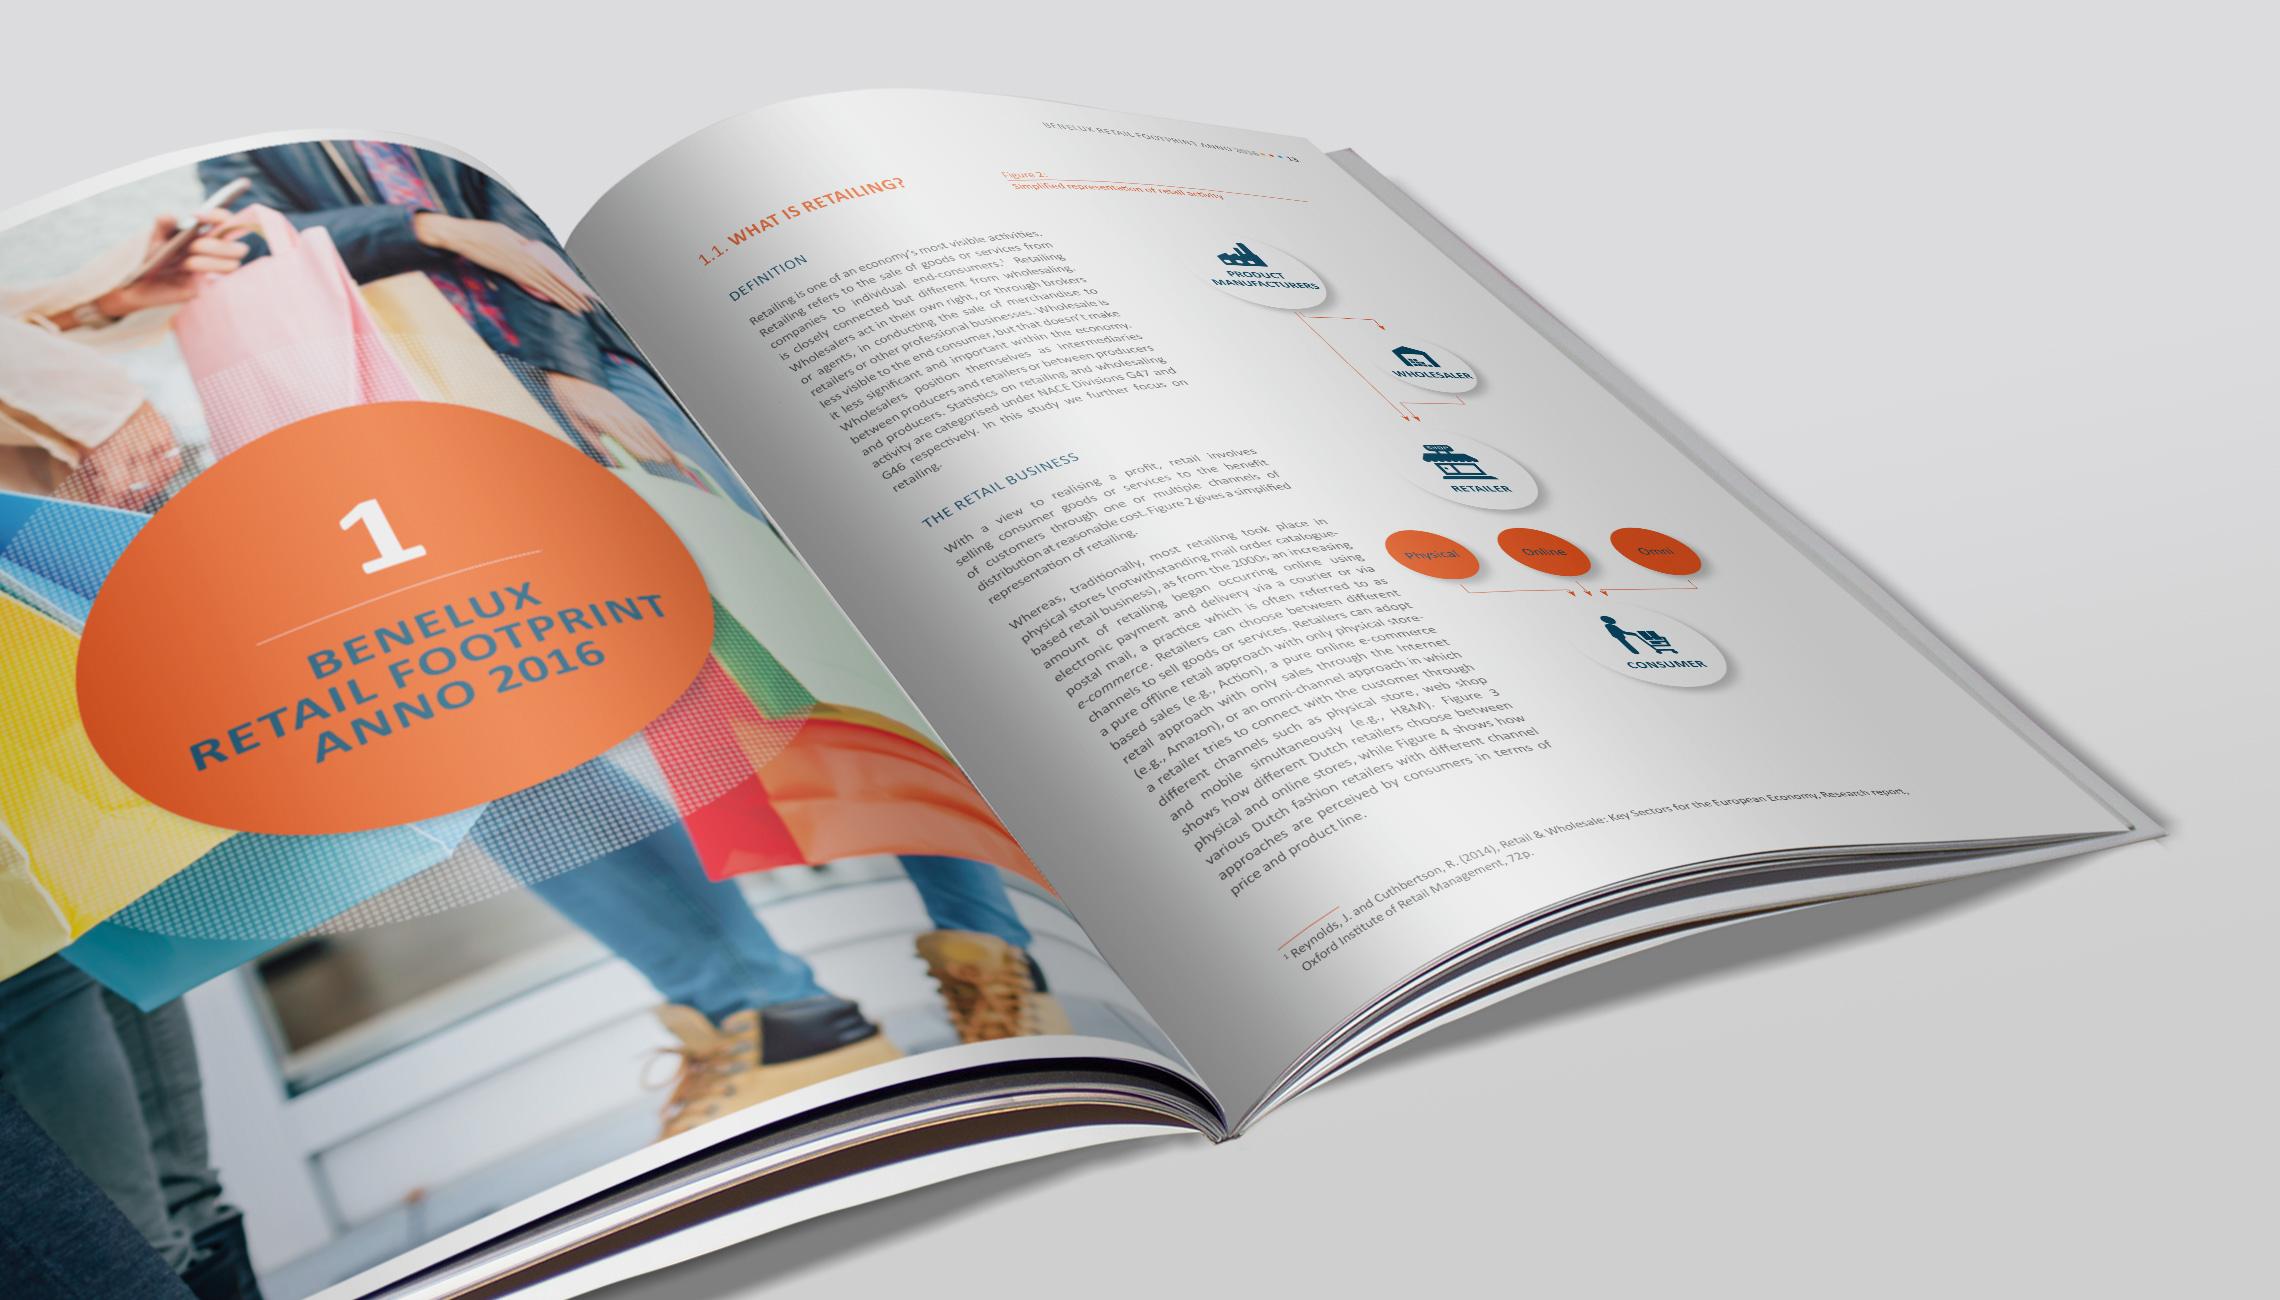 publication: BENELUX retail 2025 - image 2